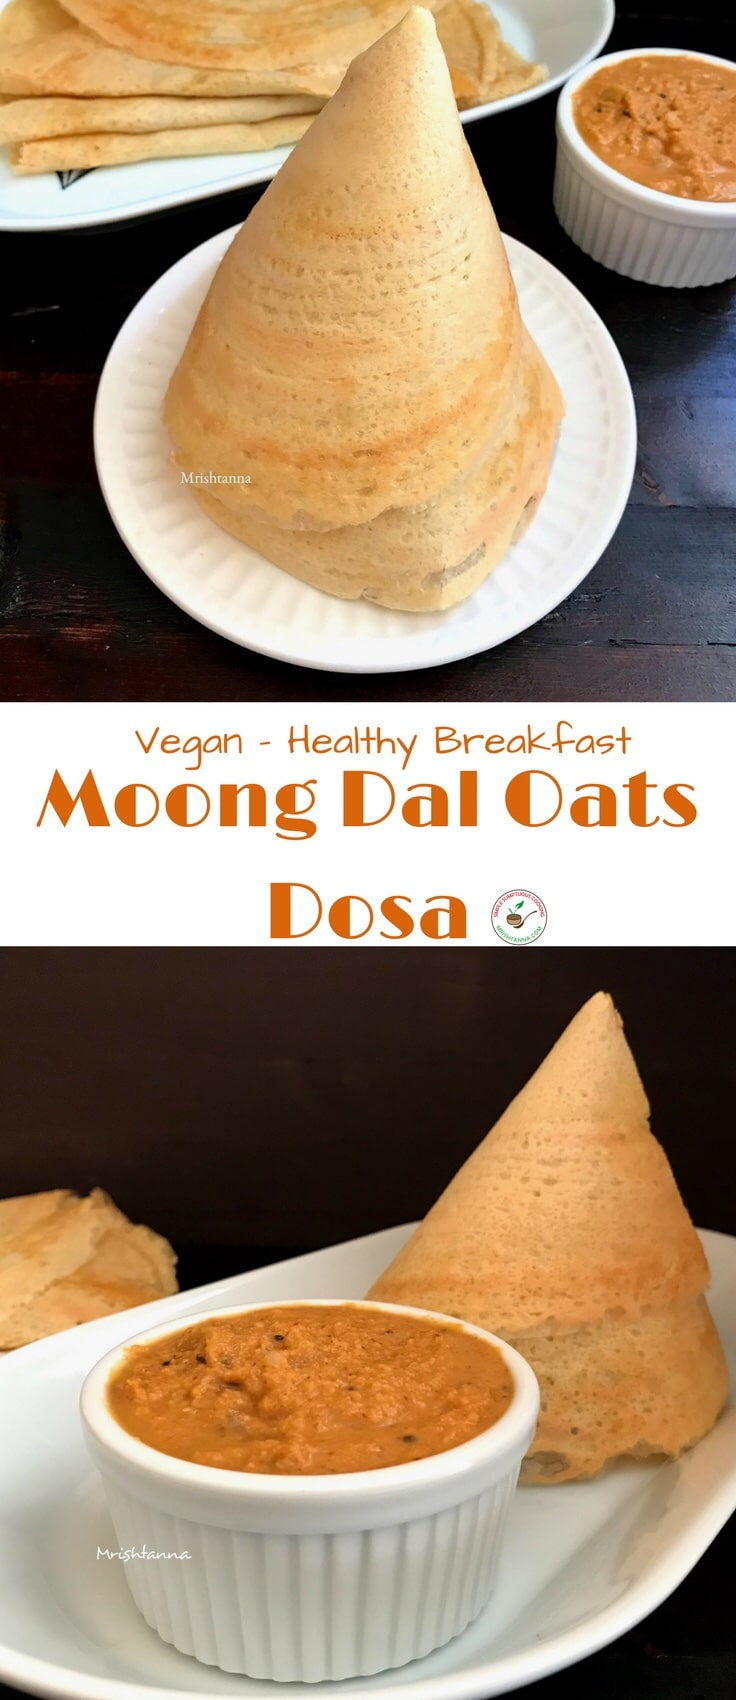 Moong Dal Oats Dosa